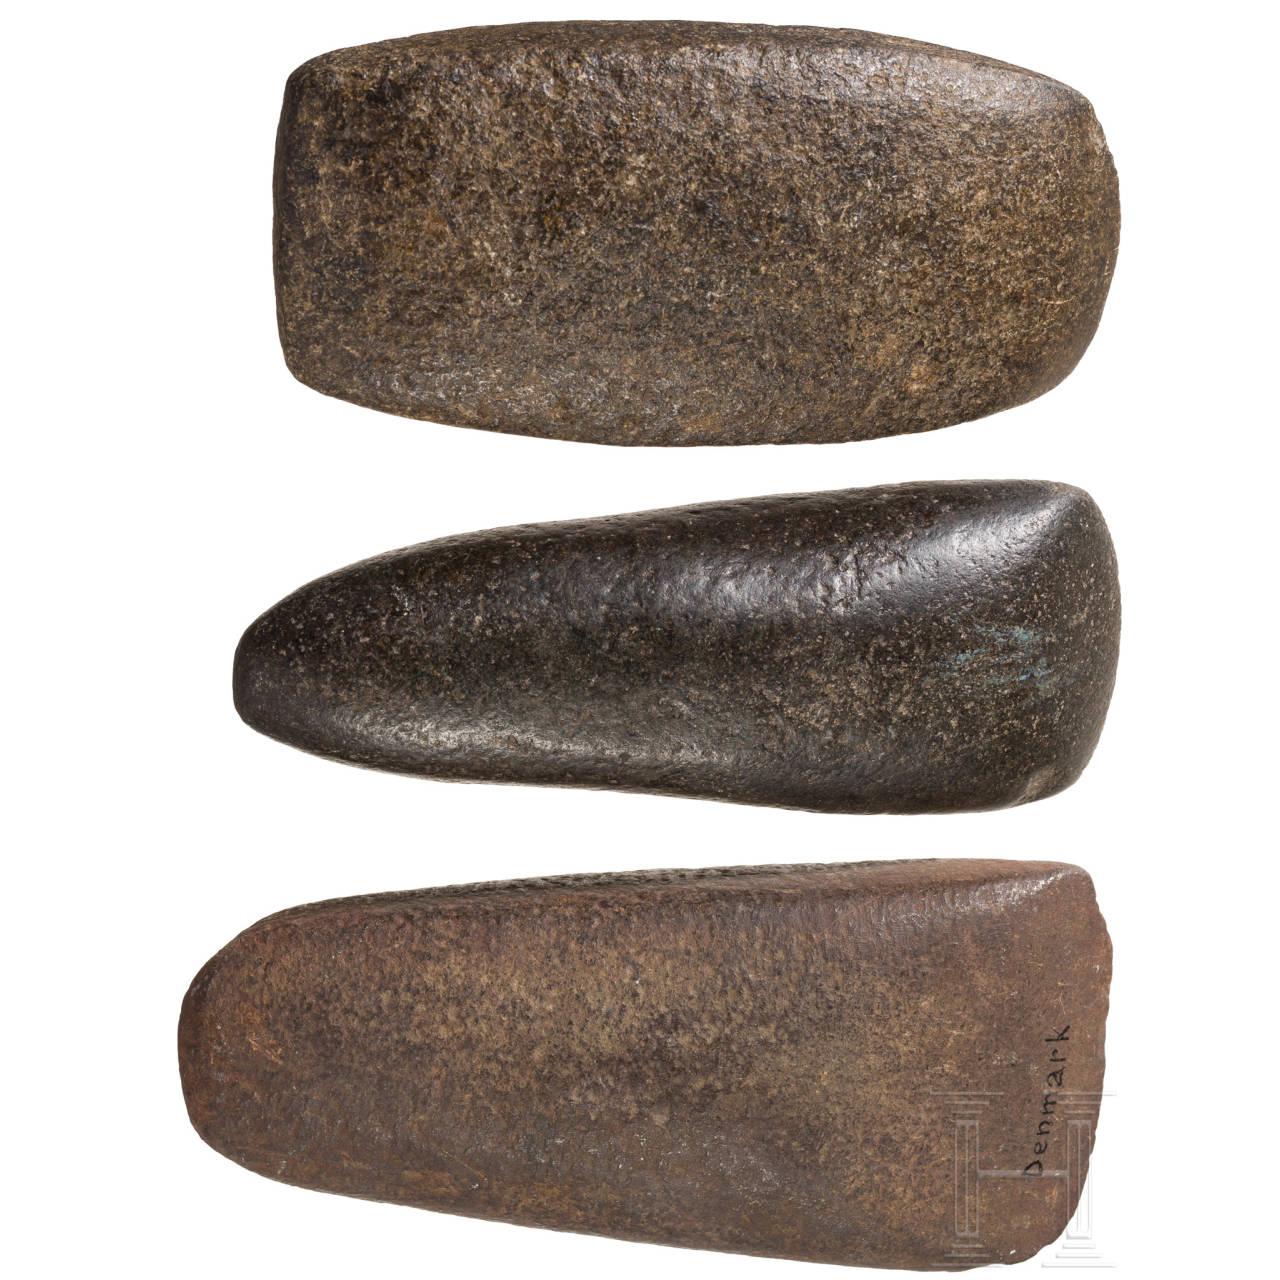 Drei neolithische Steinbeile, England und Dänemark, ca. 4700 - 2200 v. Chr.